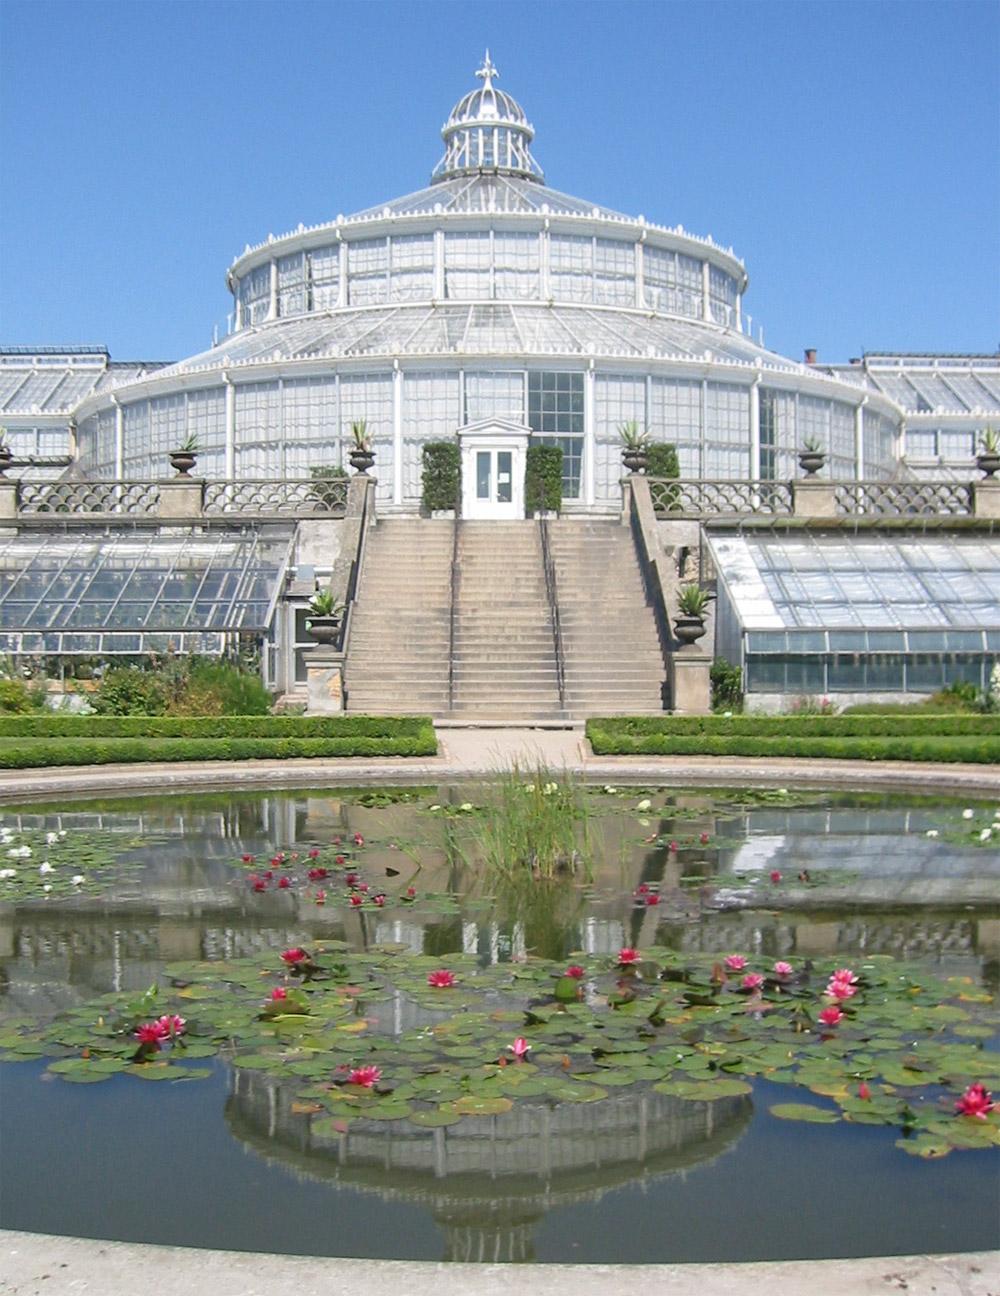 Orto botanico di copenaghen wikipedia - Immagini di giardini di villette ...